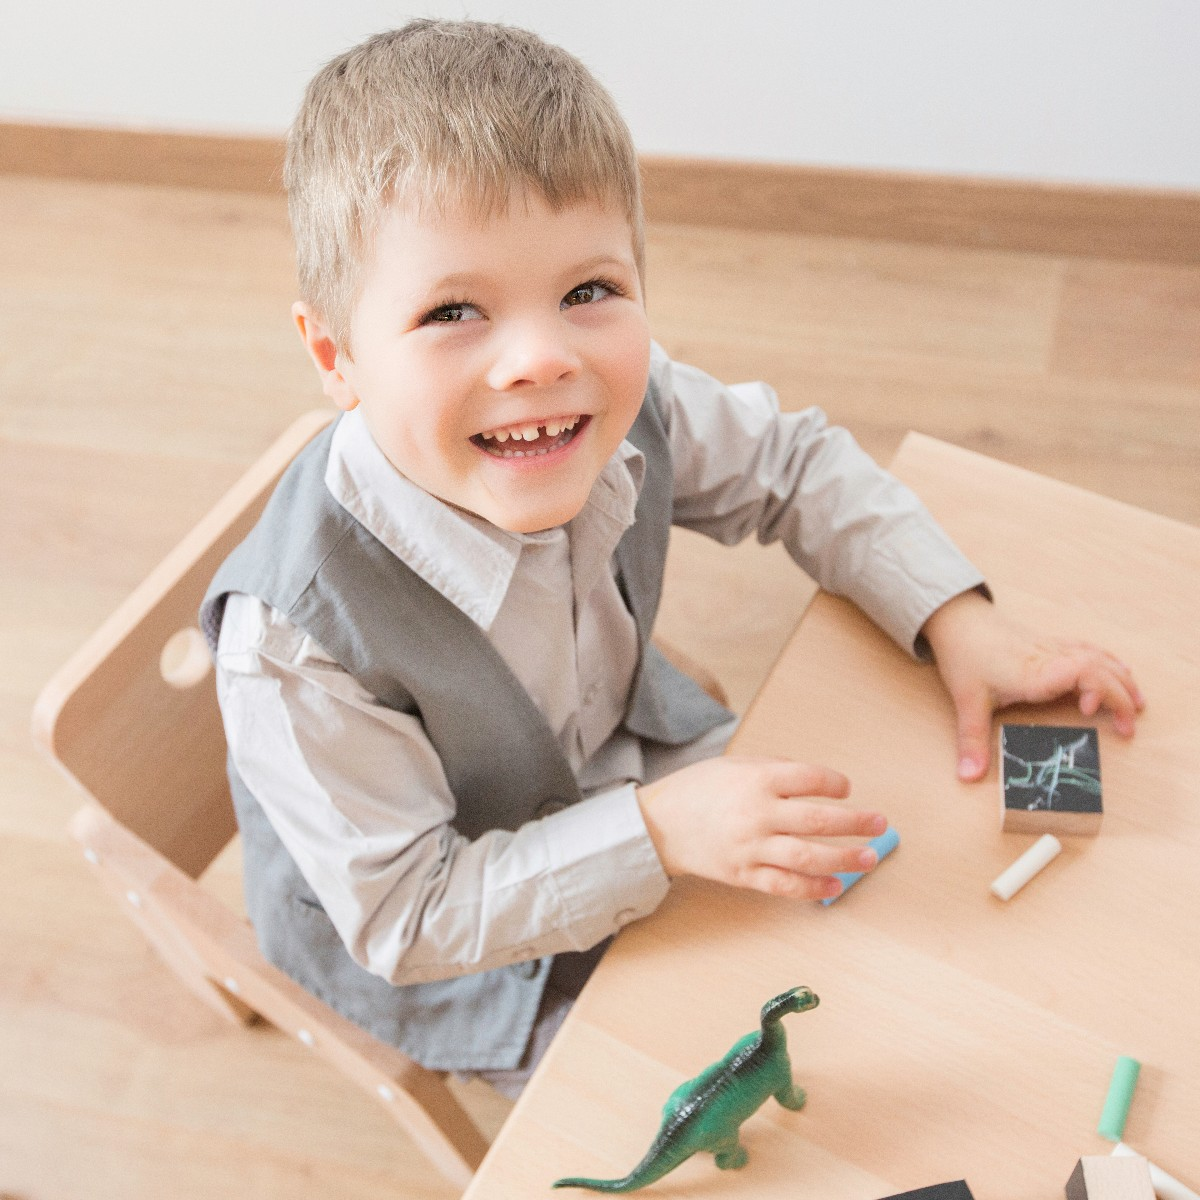 Jouets pour enfant design